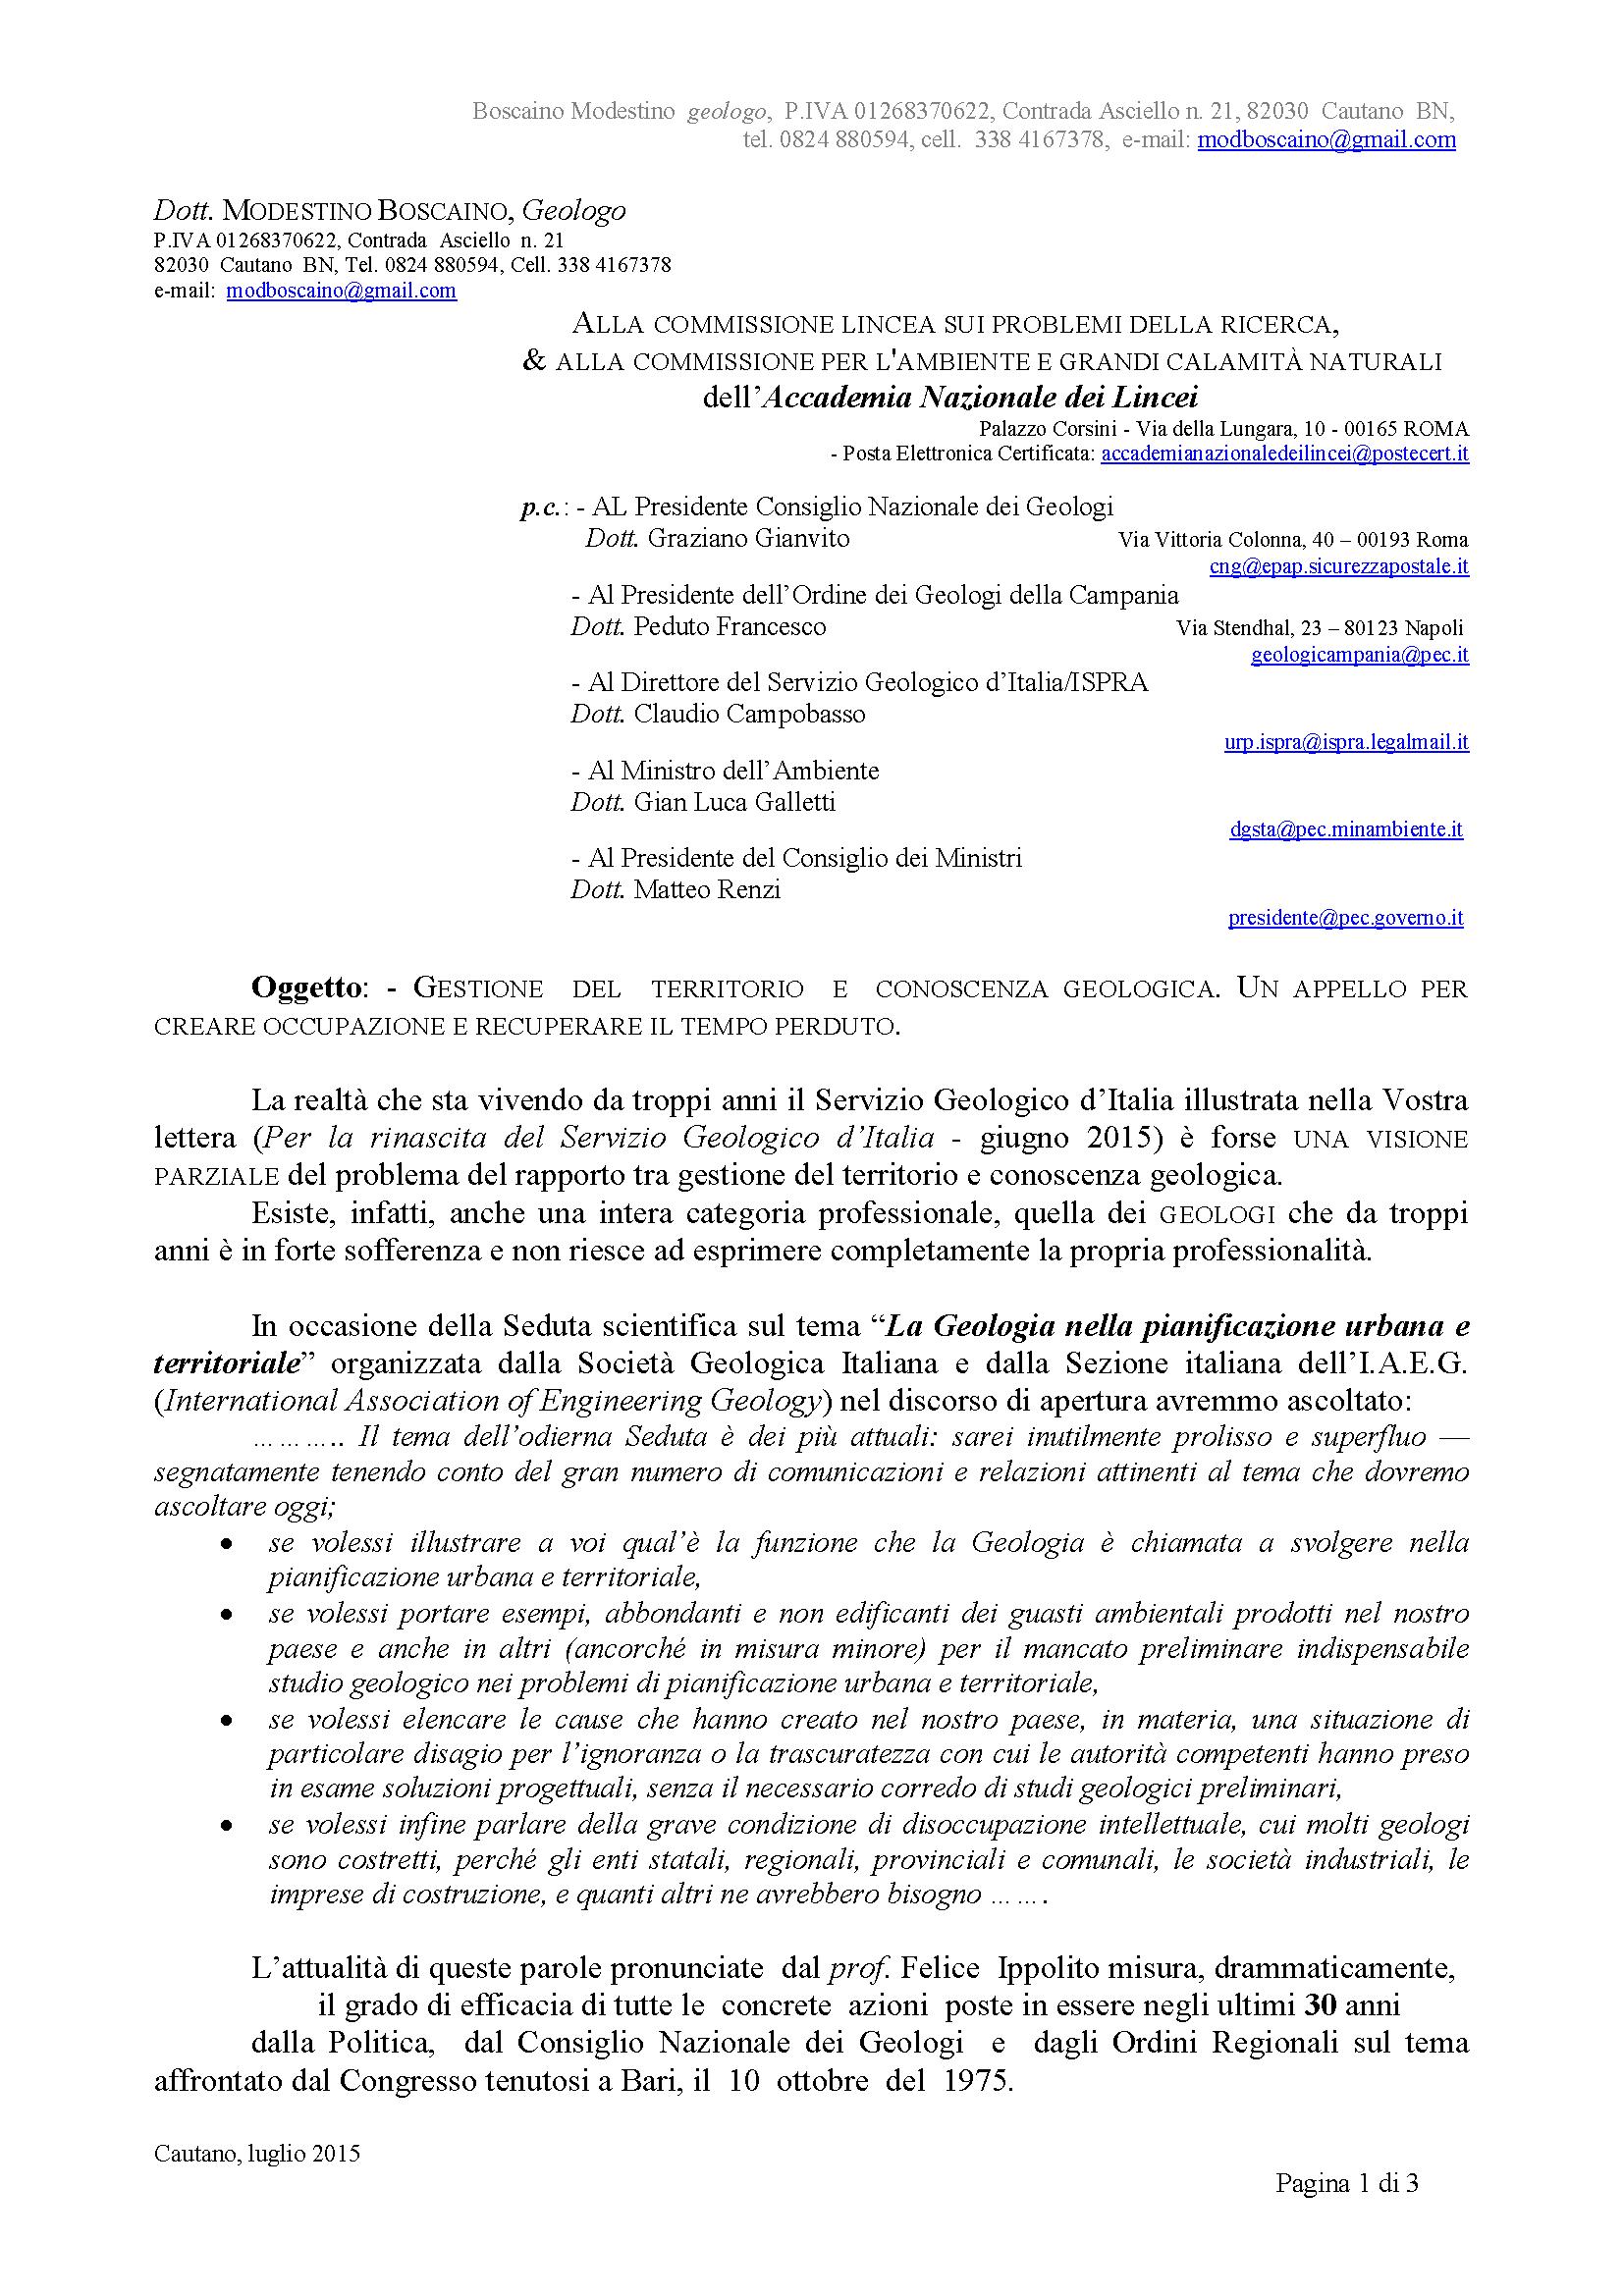 Allegato-2-Appello-ANL-2015_Pagina_1